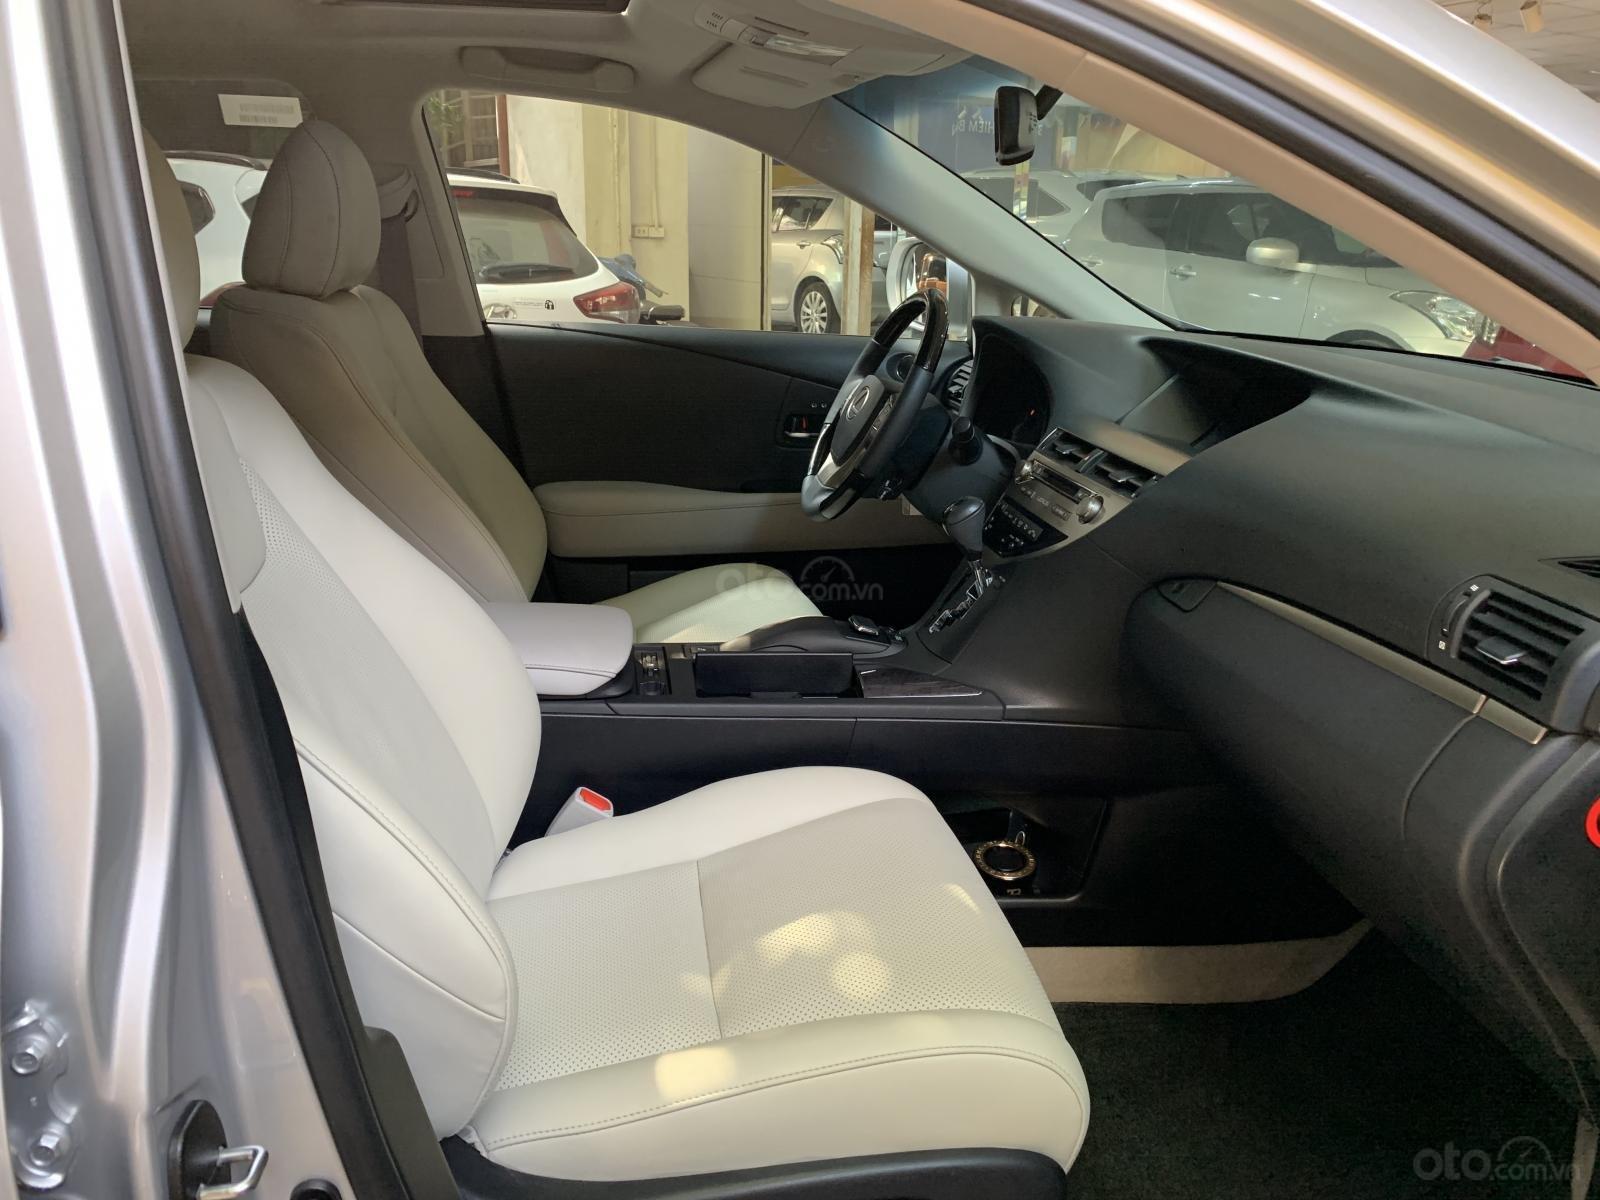 Bán Lexus RX350 model 2015, 1 chủ sử dụng từ đầu, odo 1 vạn 7, xe siêu chất, có hóa đơn (5)